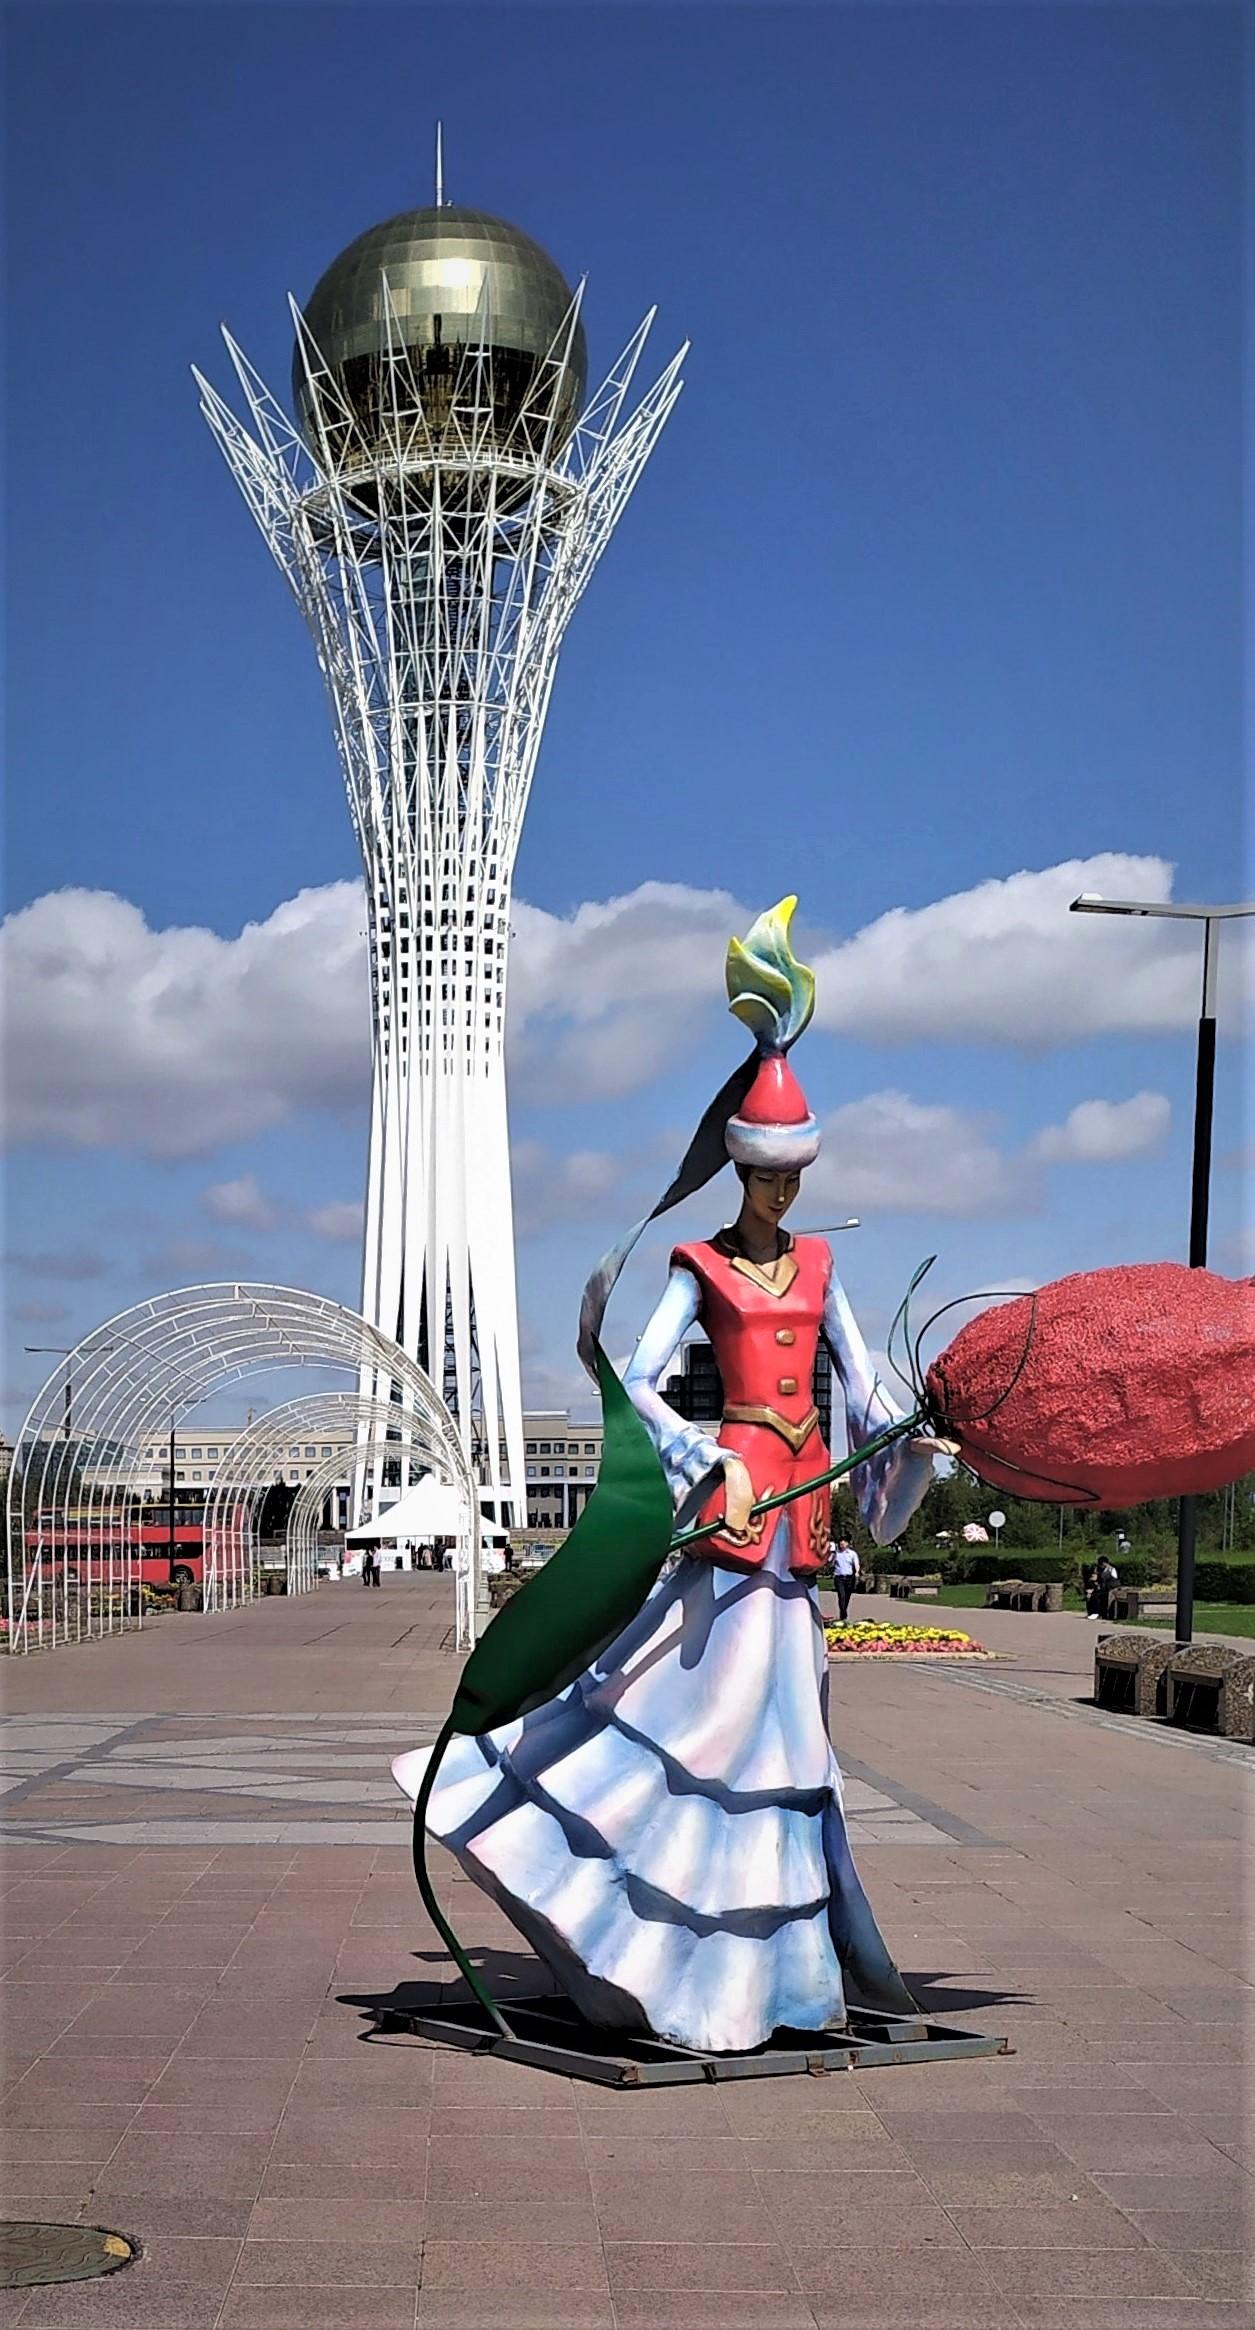 Самый узнаваемый символ – это Байтерек, означающий Древо жизни в космогонии номадов. Сдан в 2003 году. Высота 105 метров, диаметр шара со стеклами-хамелеонами 22 метра.